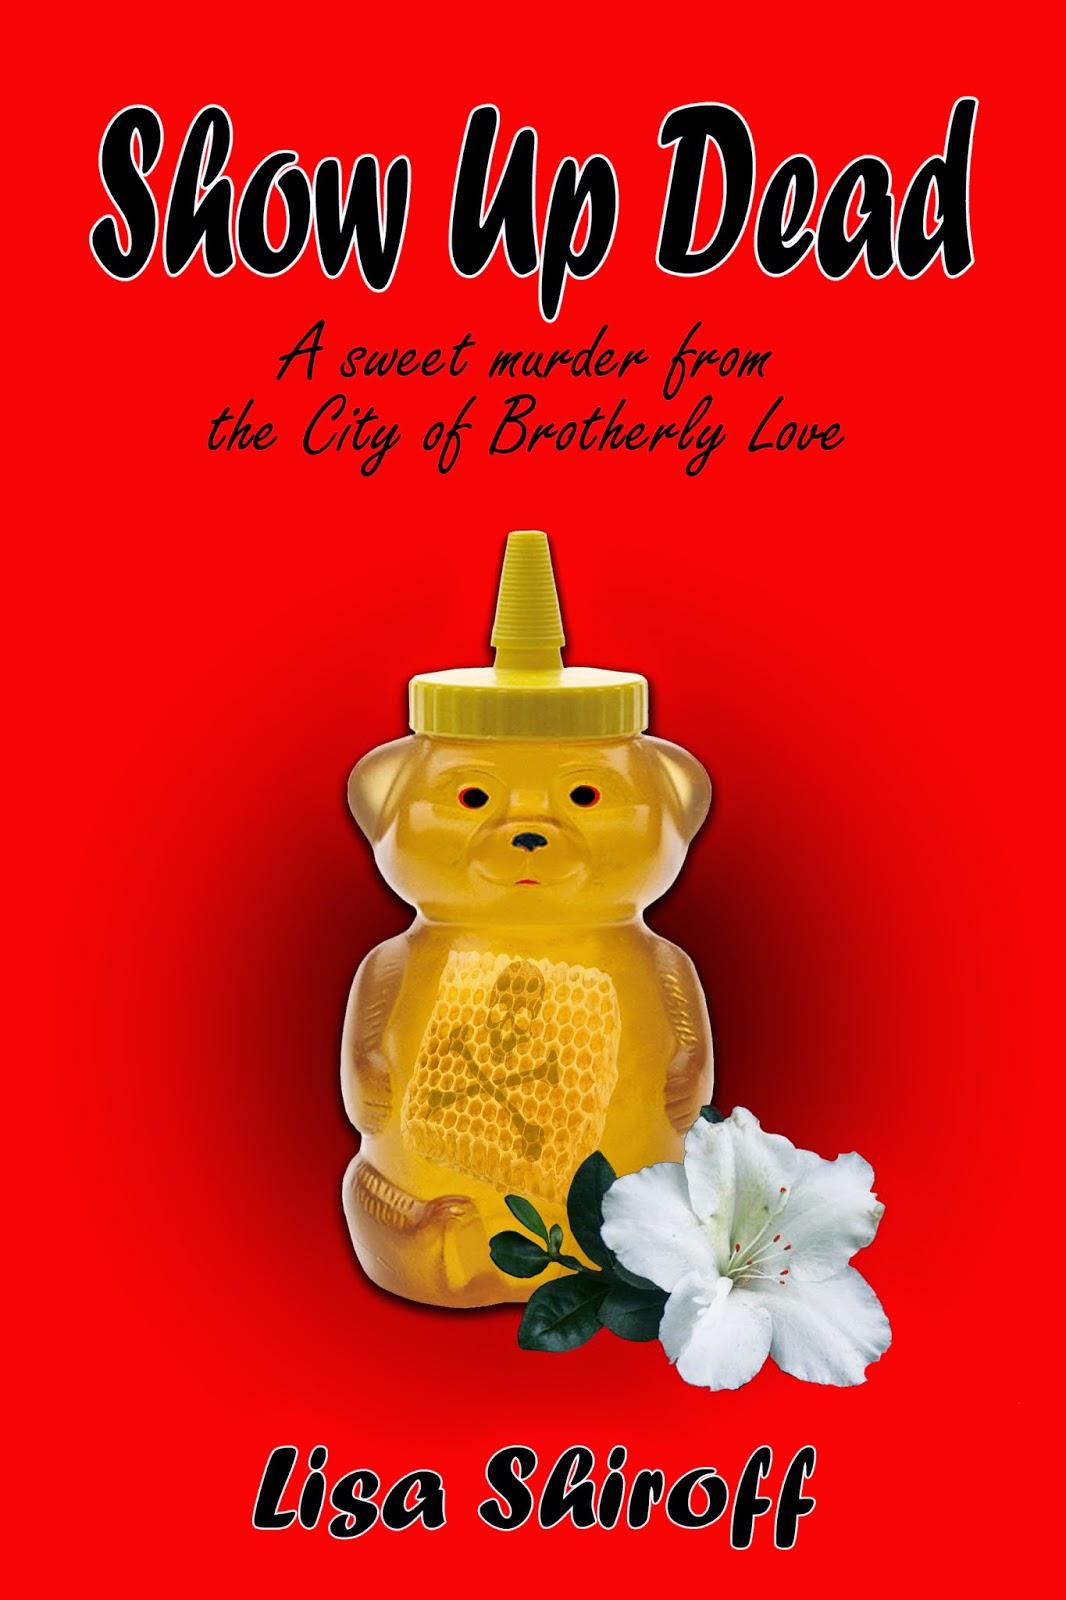 http://bookgoodies.com/a/B00NZC1SMO